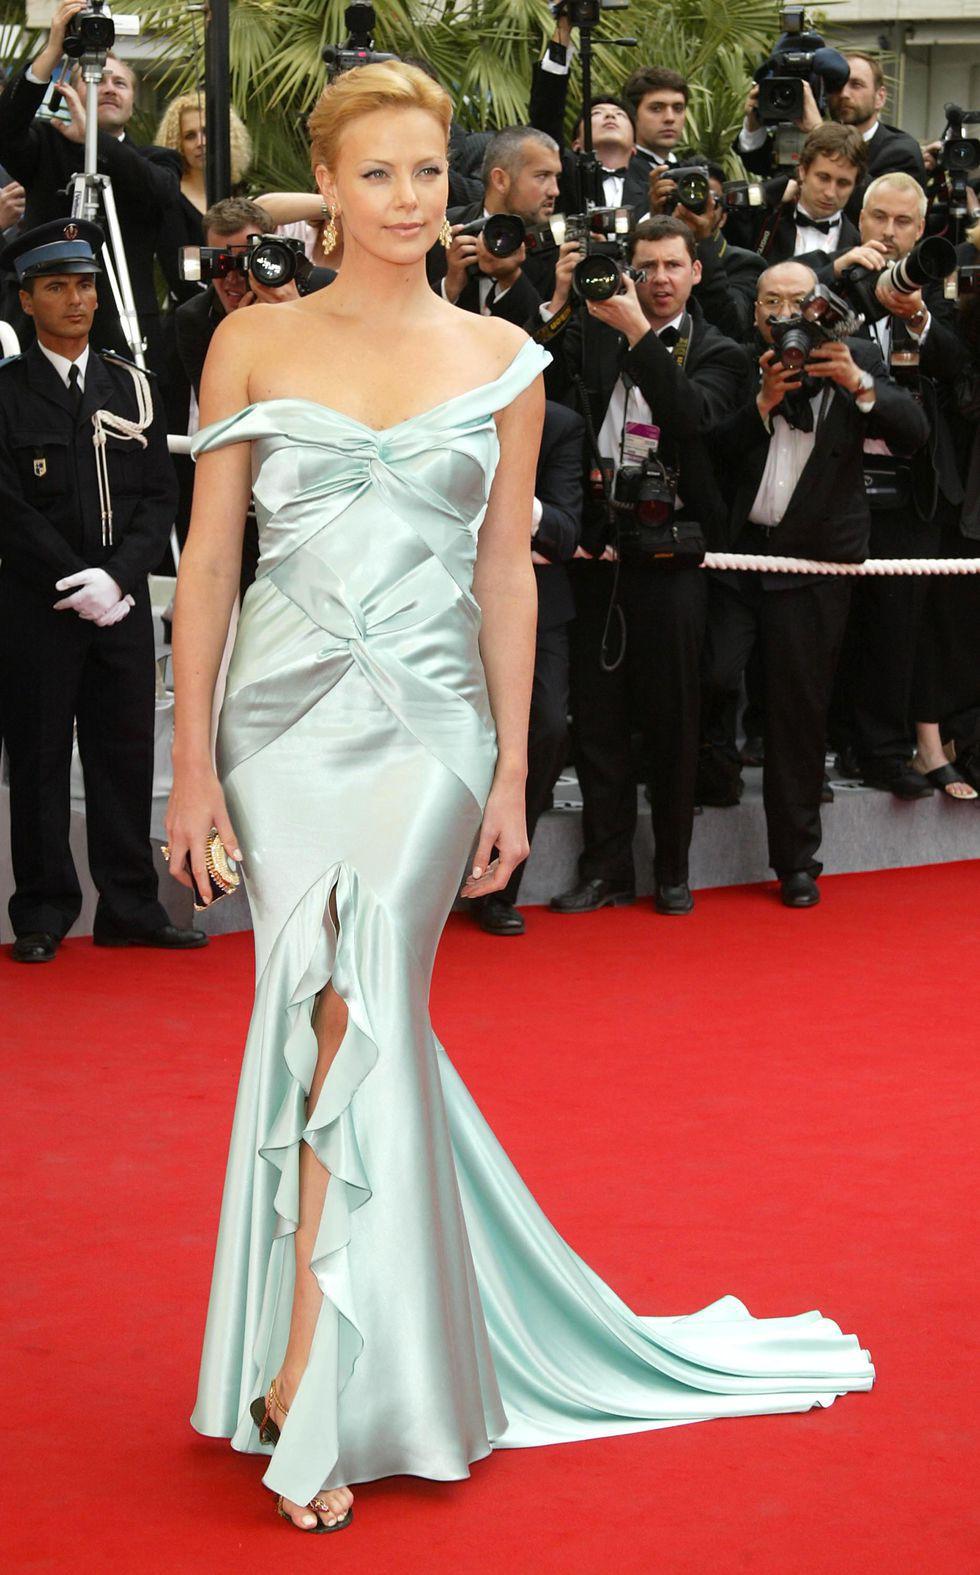 30 màn thả dáng có thần thái đi vào huyền thoại Cannes: Không cần trò vạch, phơi lồng lộn vẫn chiếm trọn spotlight! - Ảnh 7.